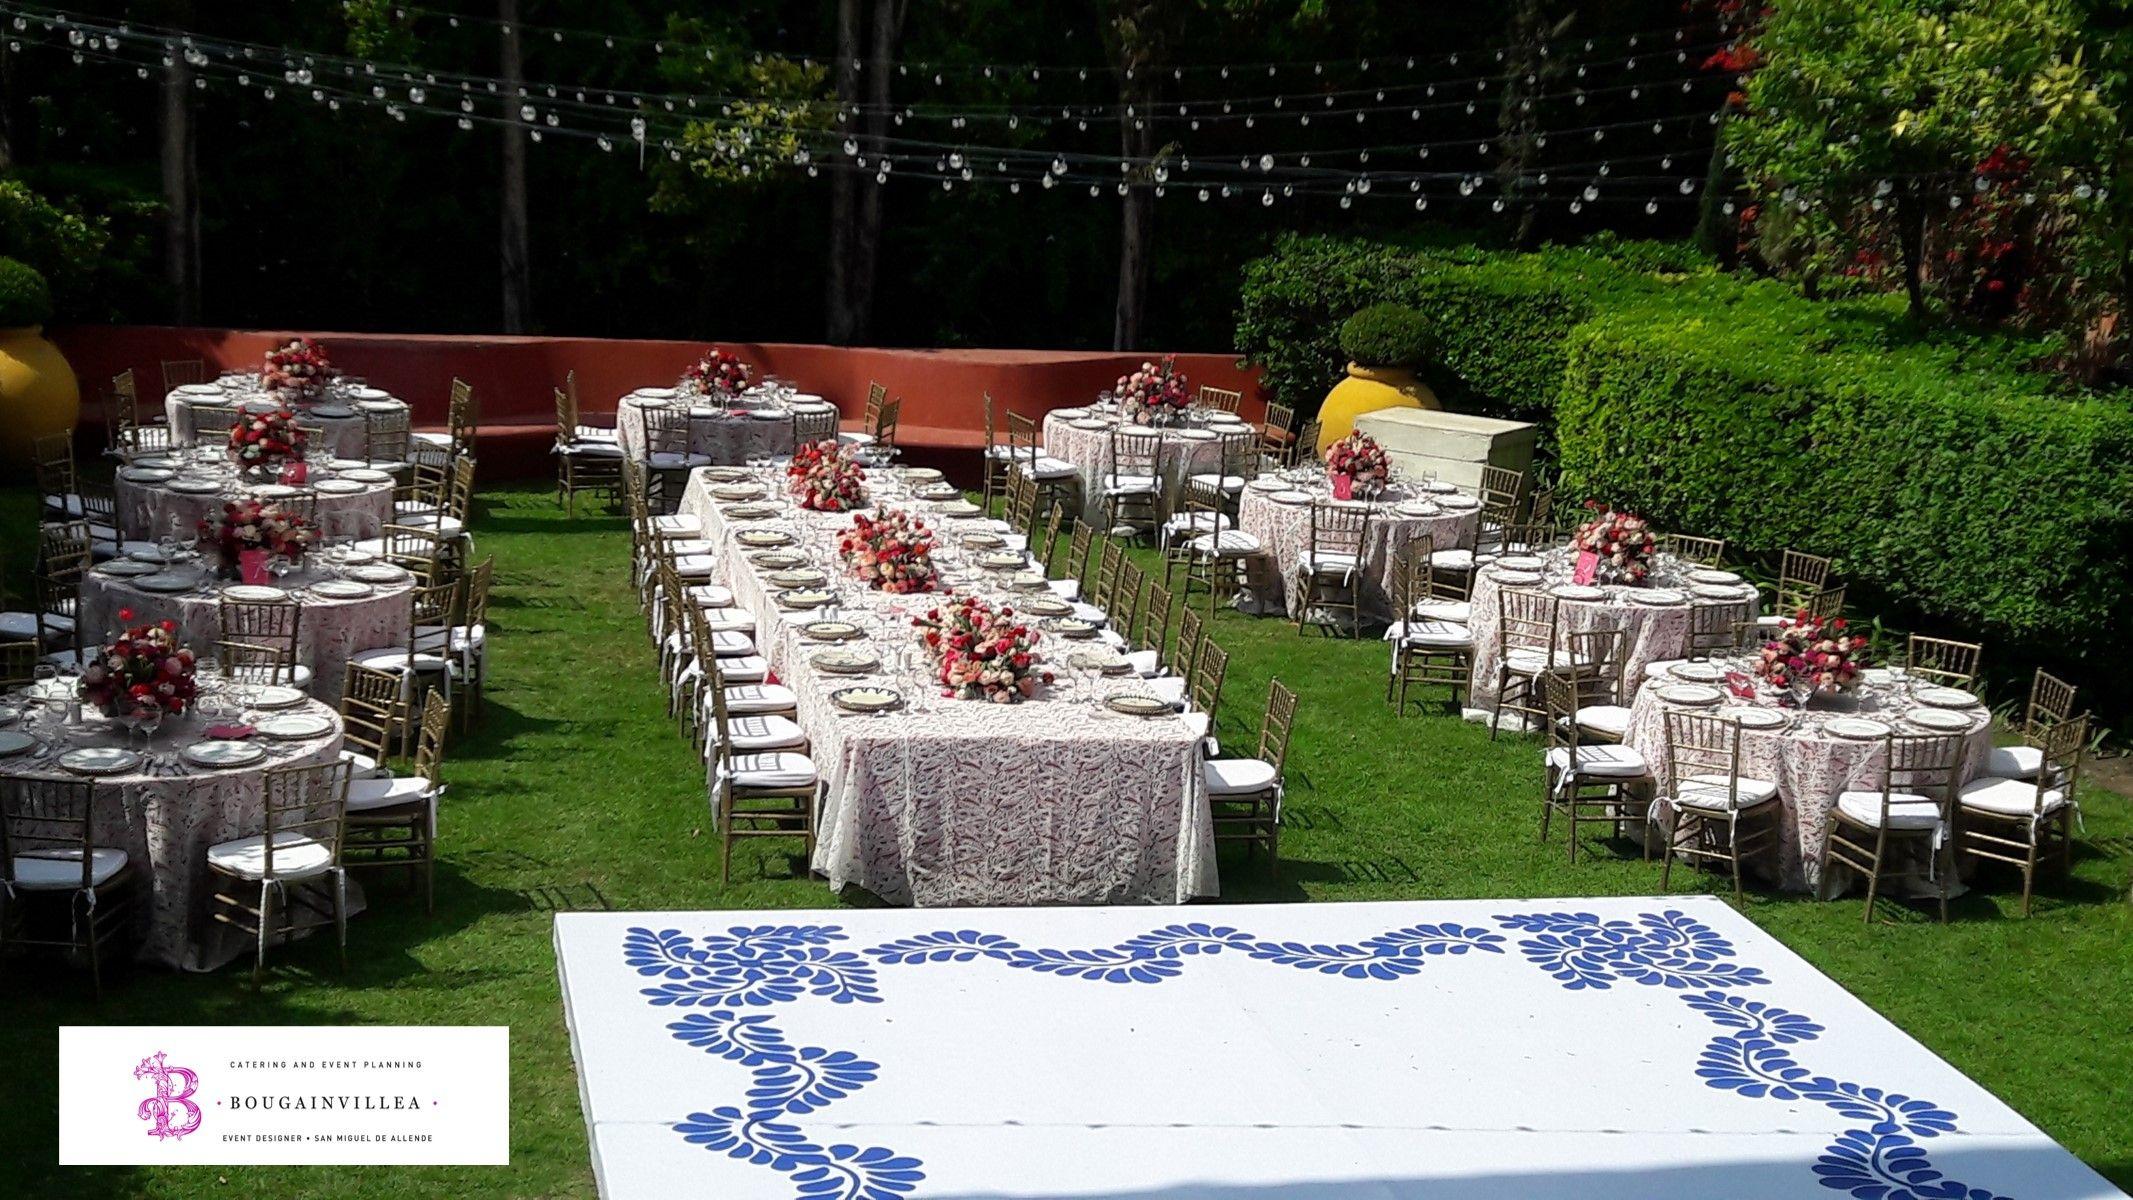 Lindo jardín para ese día tan especial  www.bougainvilleasanmiguel.com.mx Foto: Ernesto Morales #destinationweddings #sanmigueldeallende.#Guanajuato #weddingsmexico